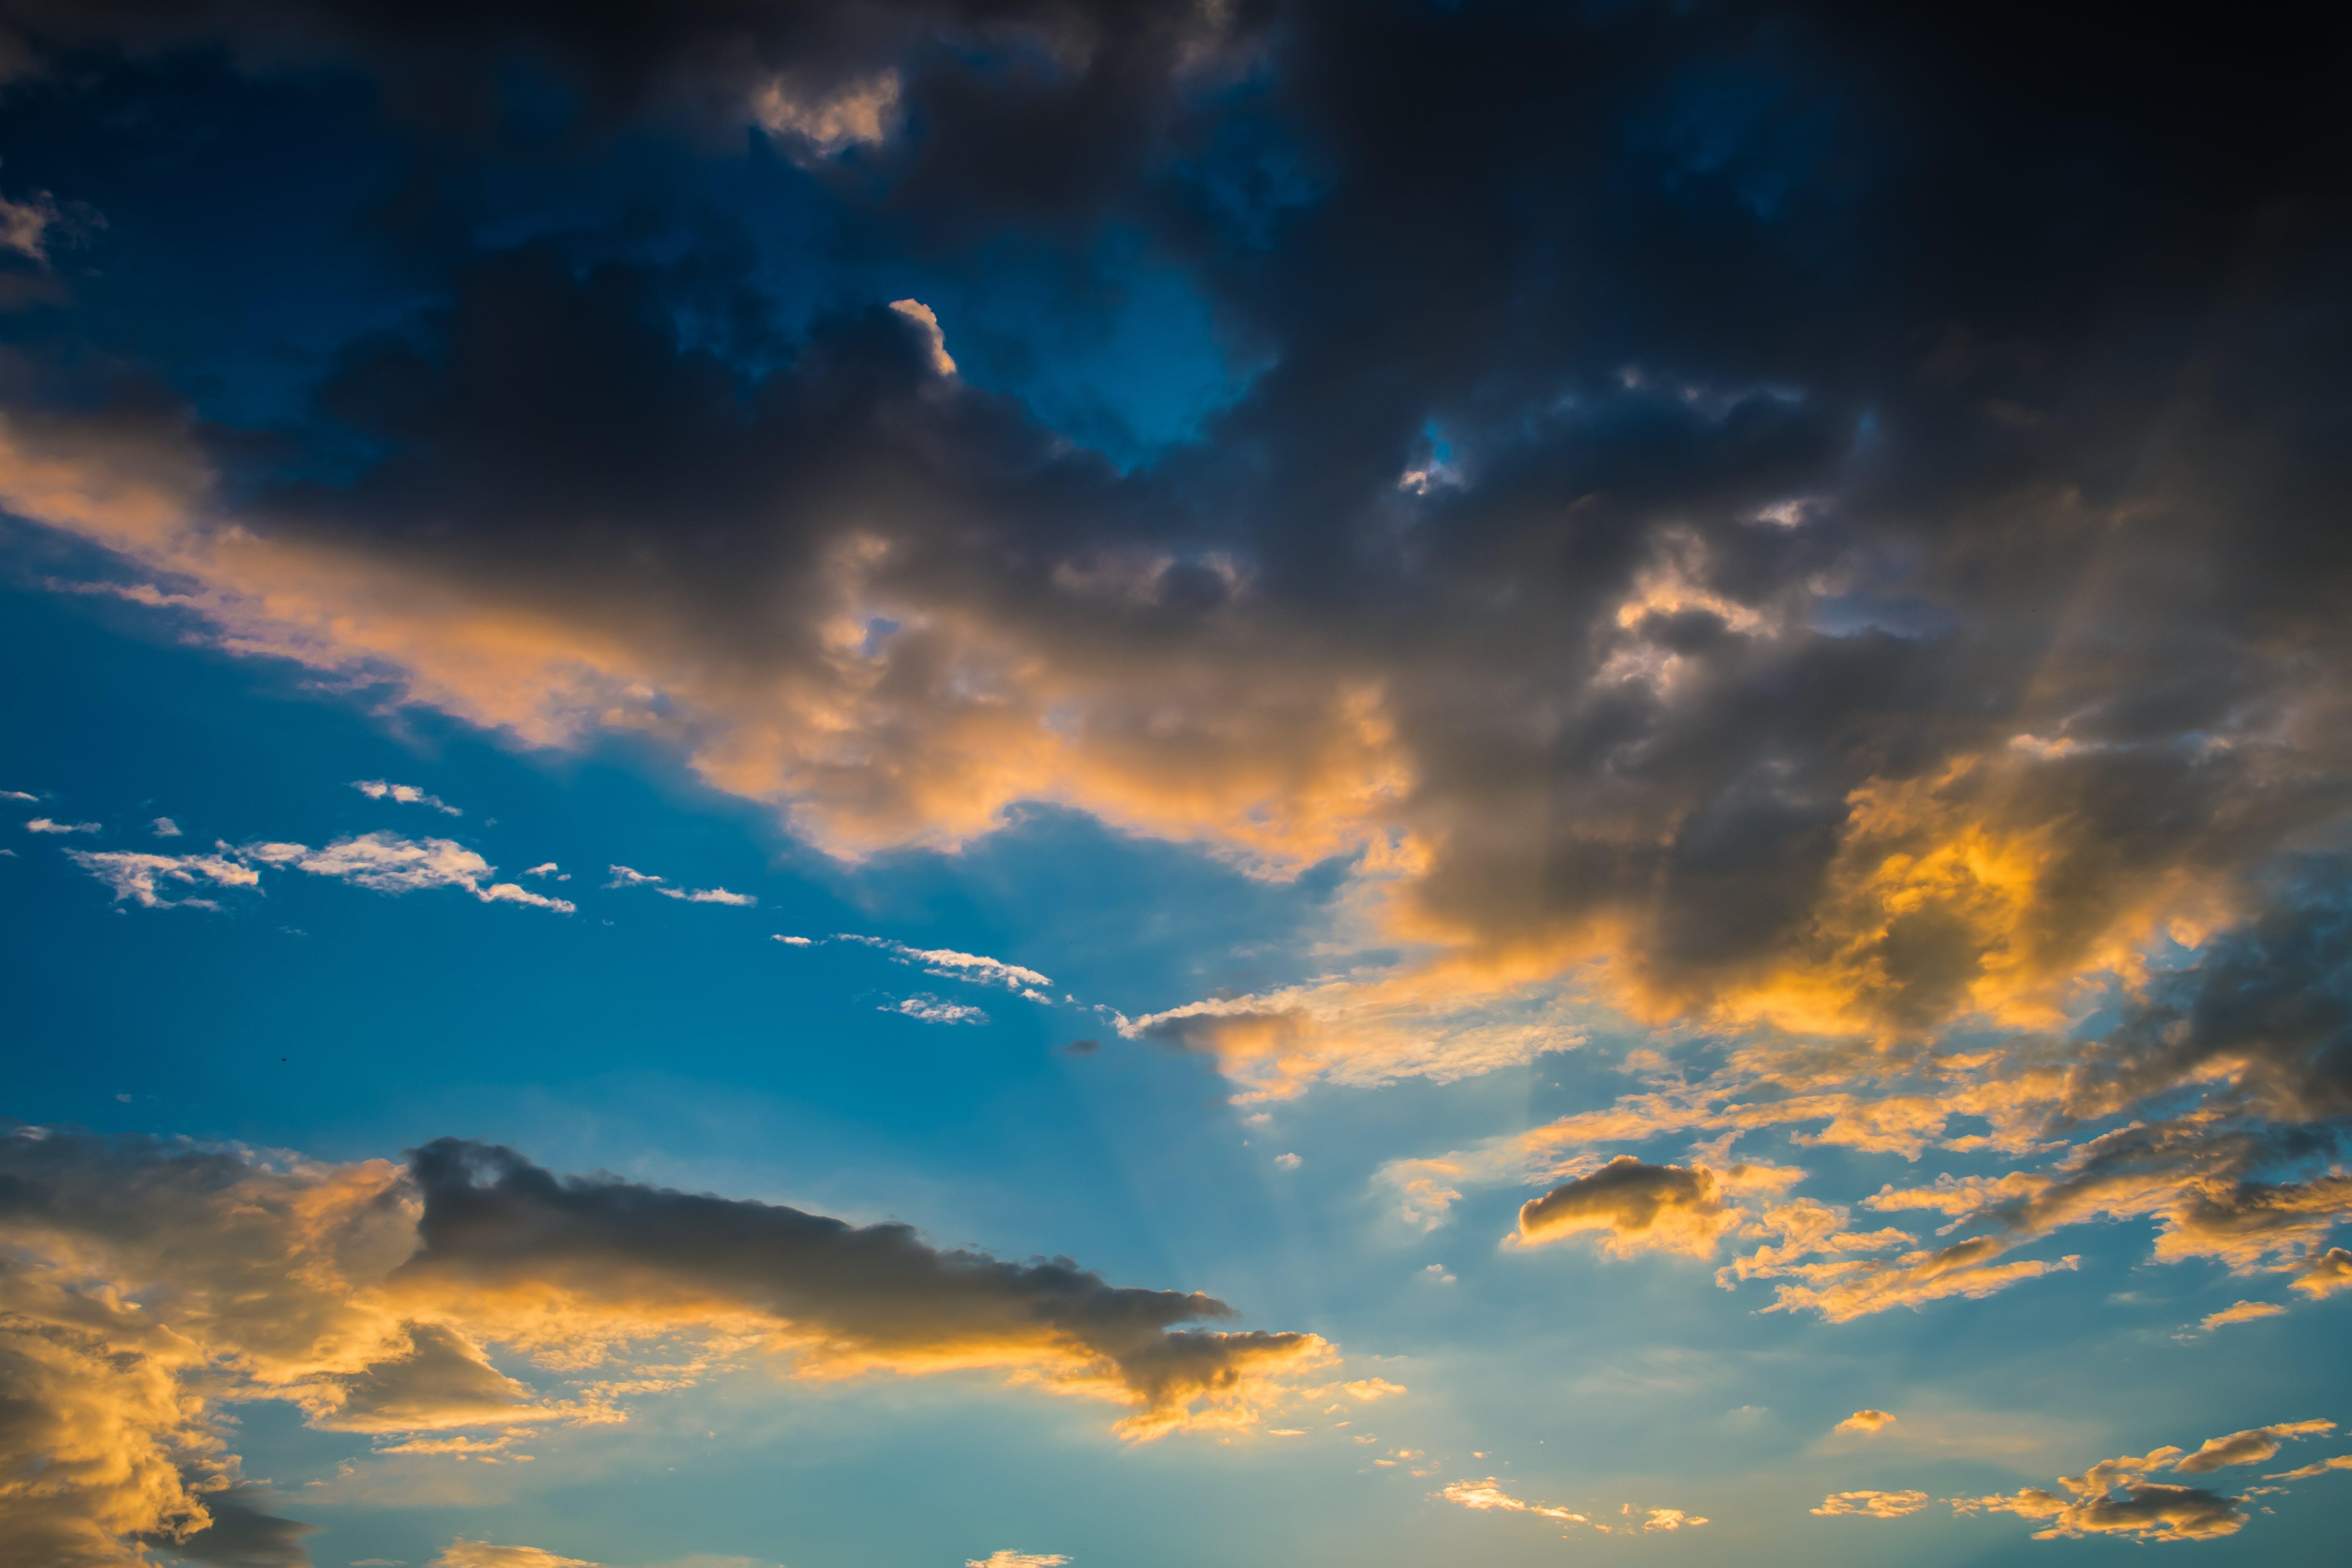 4k duvar kağıdı, bulut görünümü, bulutlar, bulutluluk içeren Ücretsiz stok fotoğraf